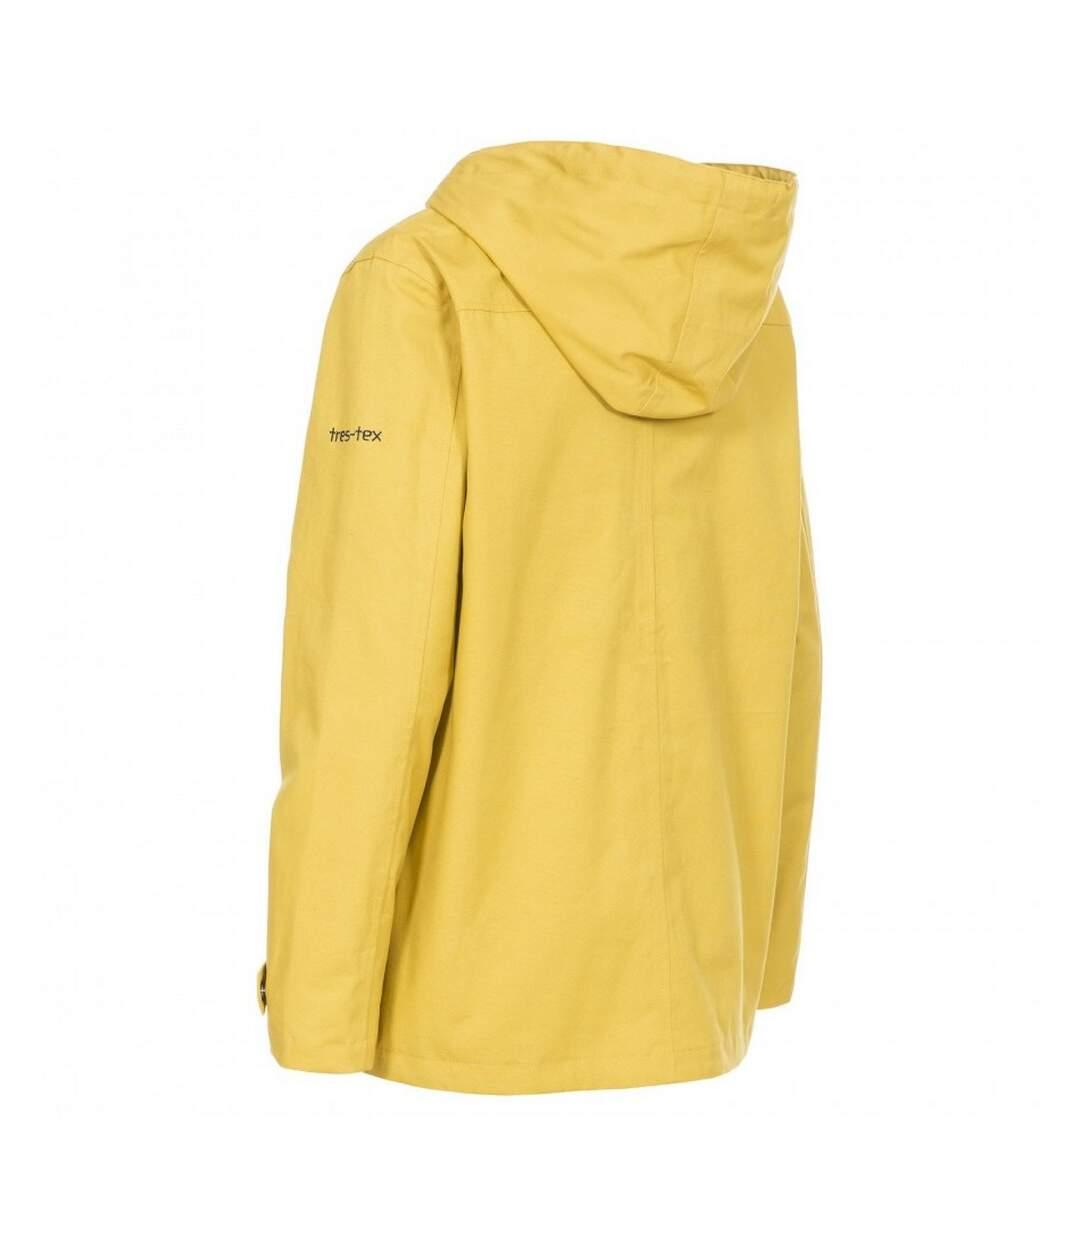 Trespass Womens/Ladies Seawater Waterproof Jacket (Red) - UTTP3314